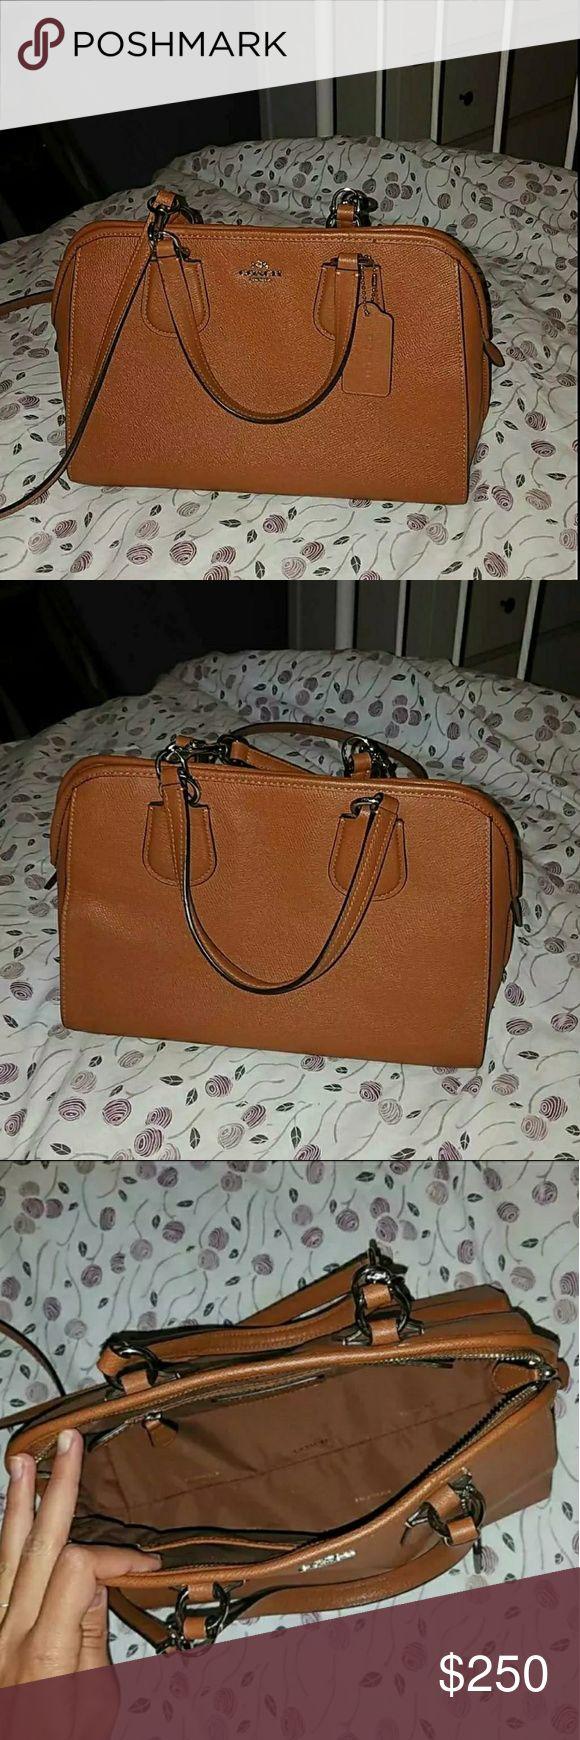 Nolita Coach Satchel Like New Nolita Coach Bag Coach Bags